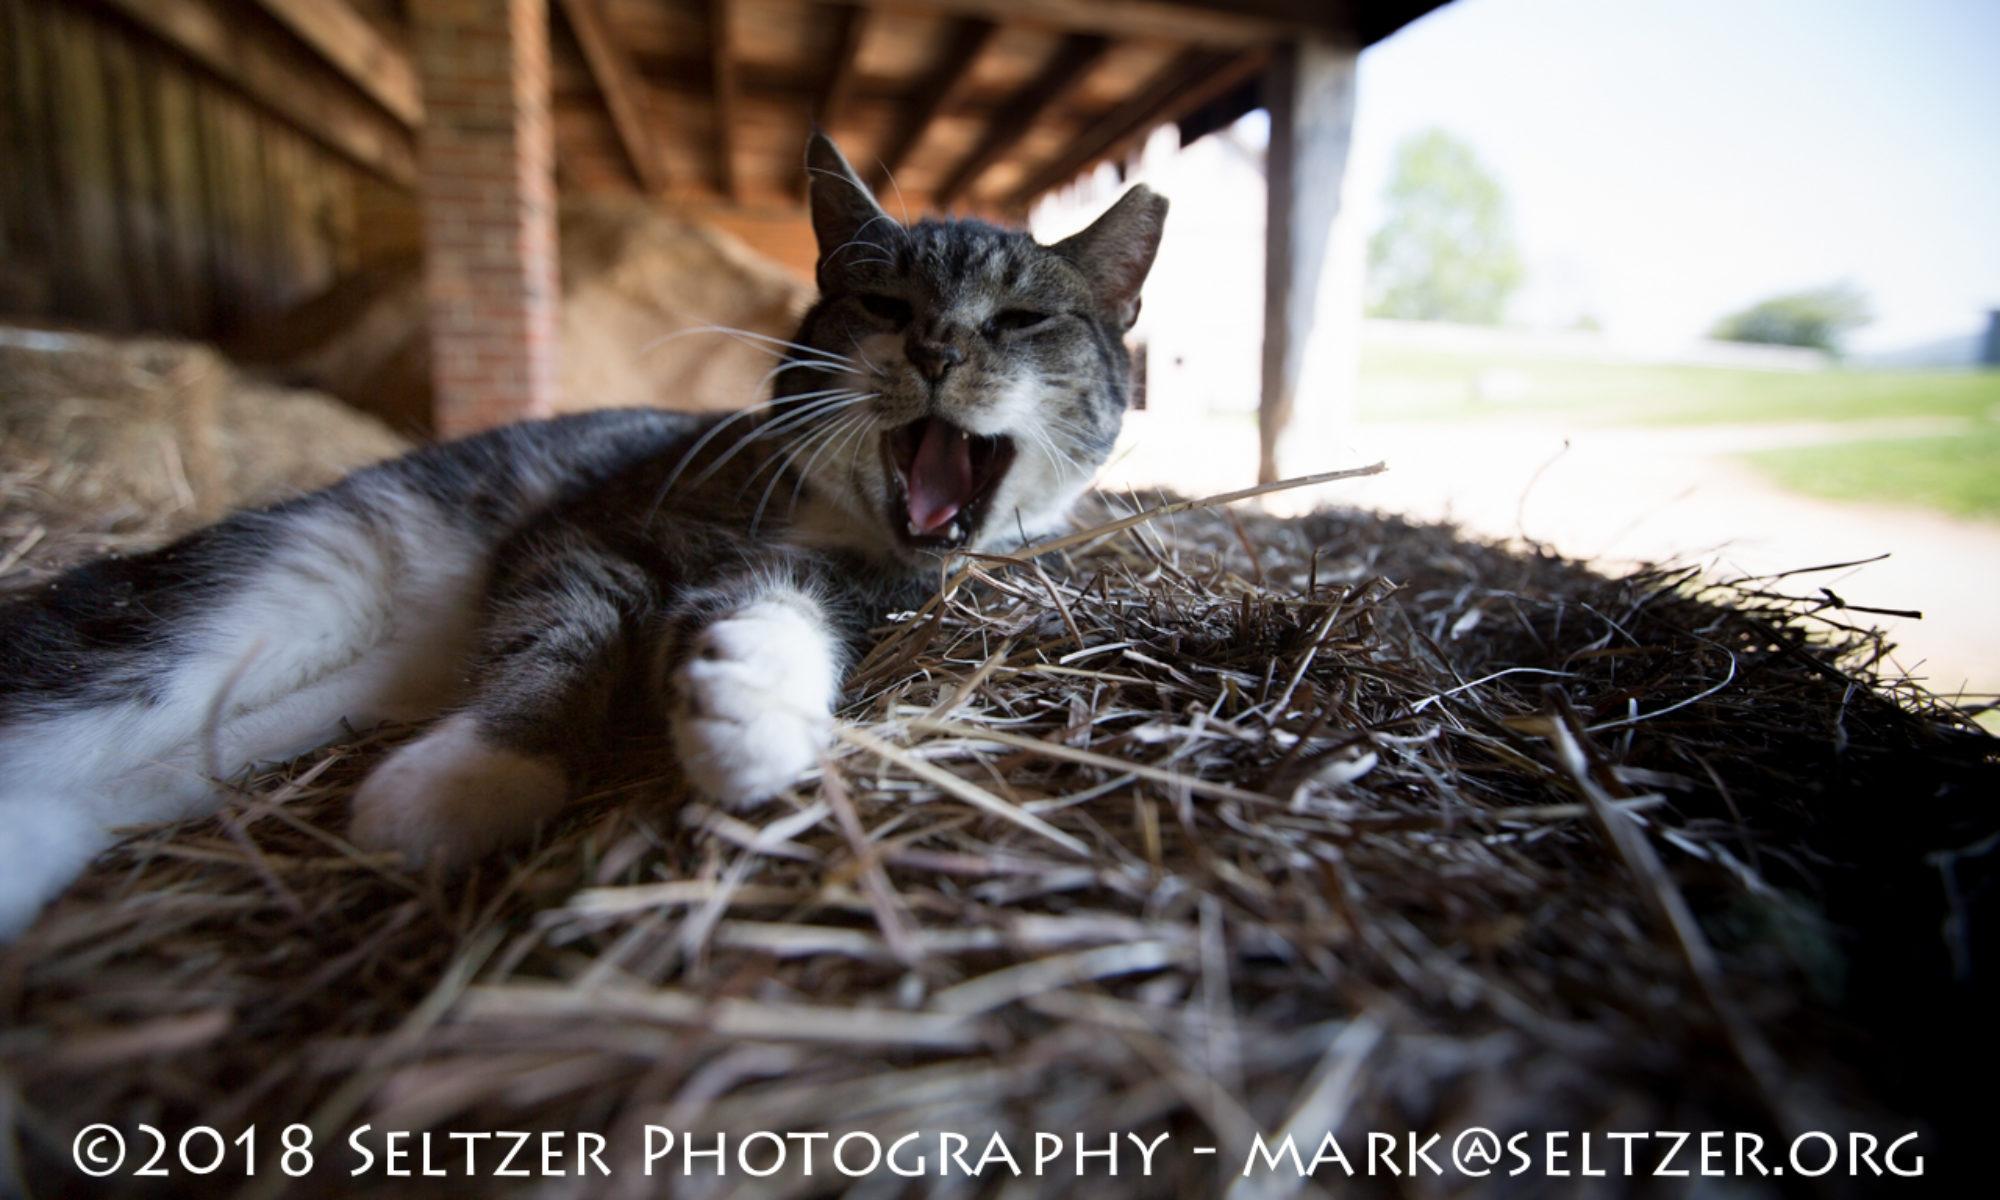 Mark Seltzer Photography